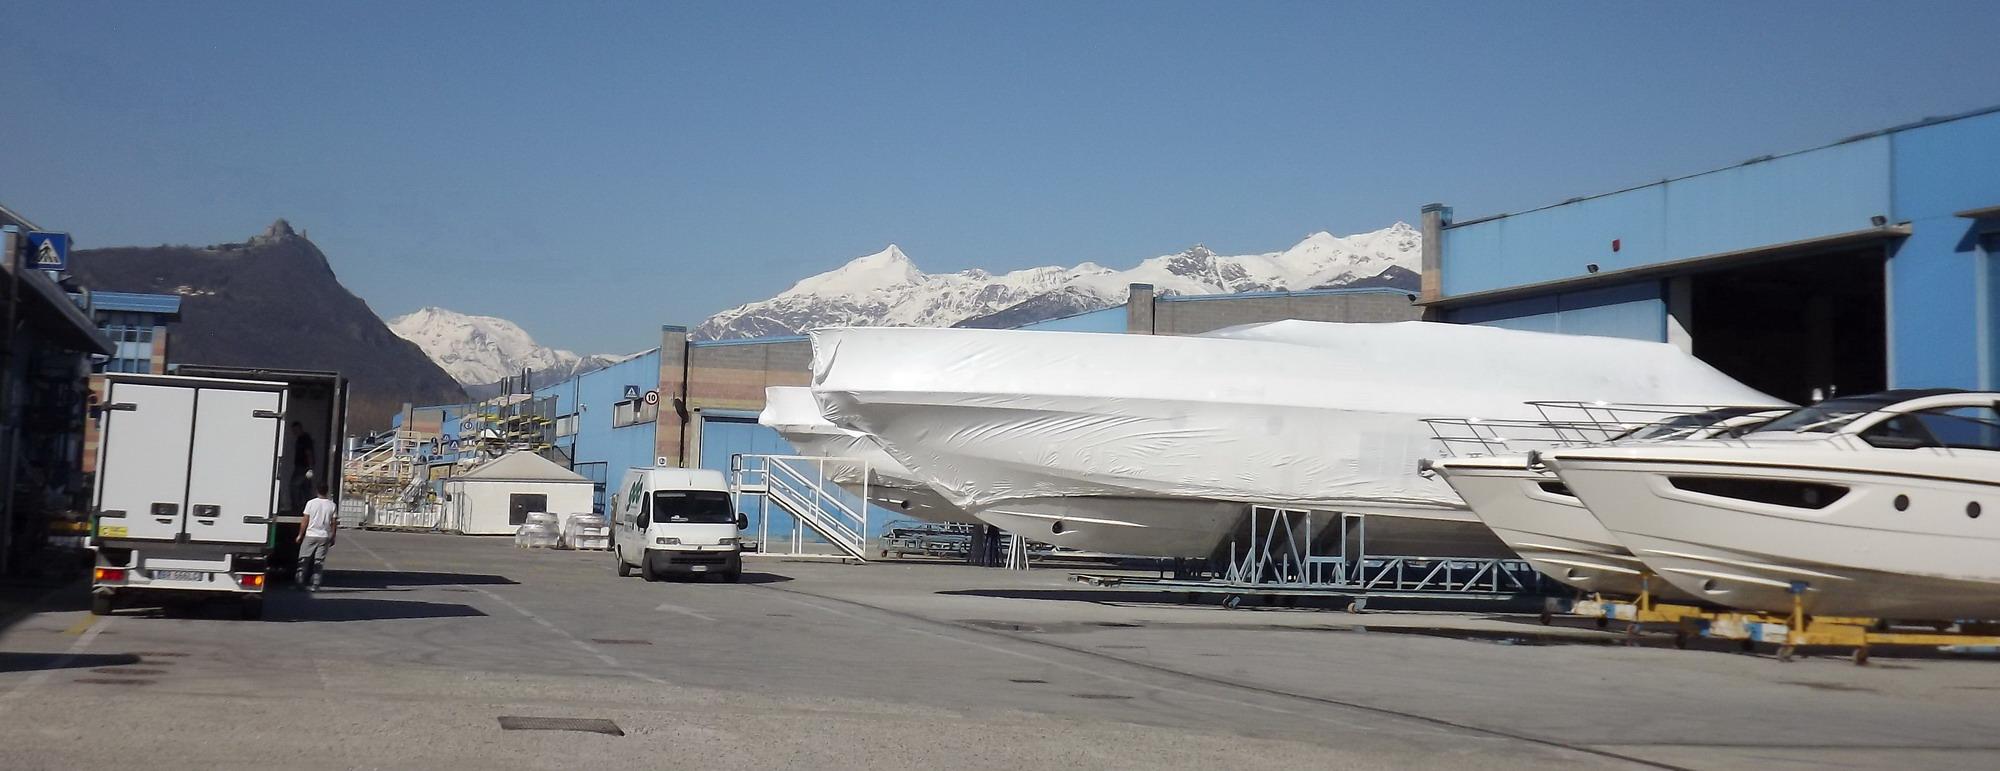 Azimut prende il largo. L'azienda aviglianese produttrice di yacht guarda al futuro dopo la crisi